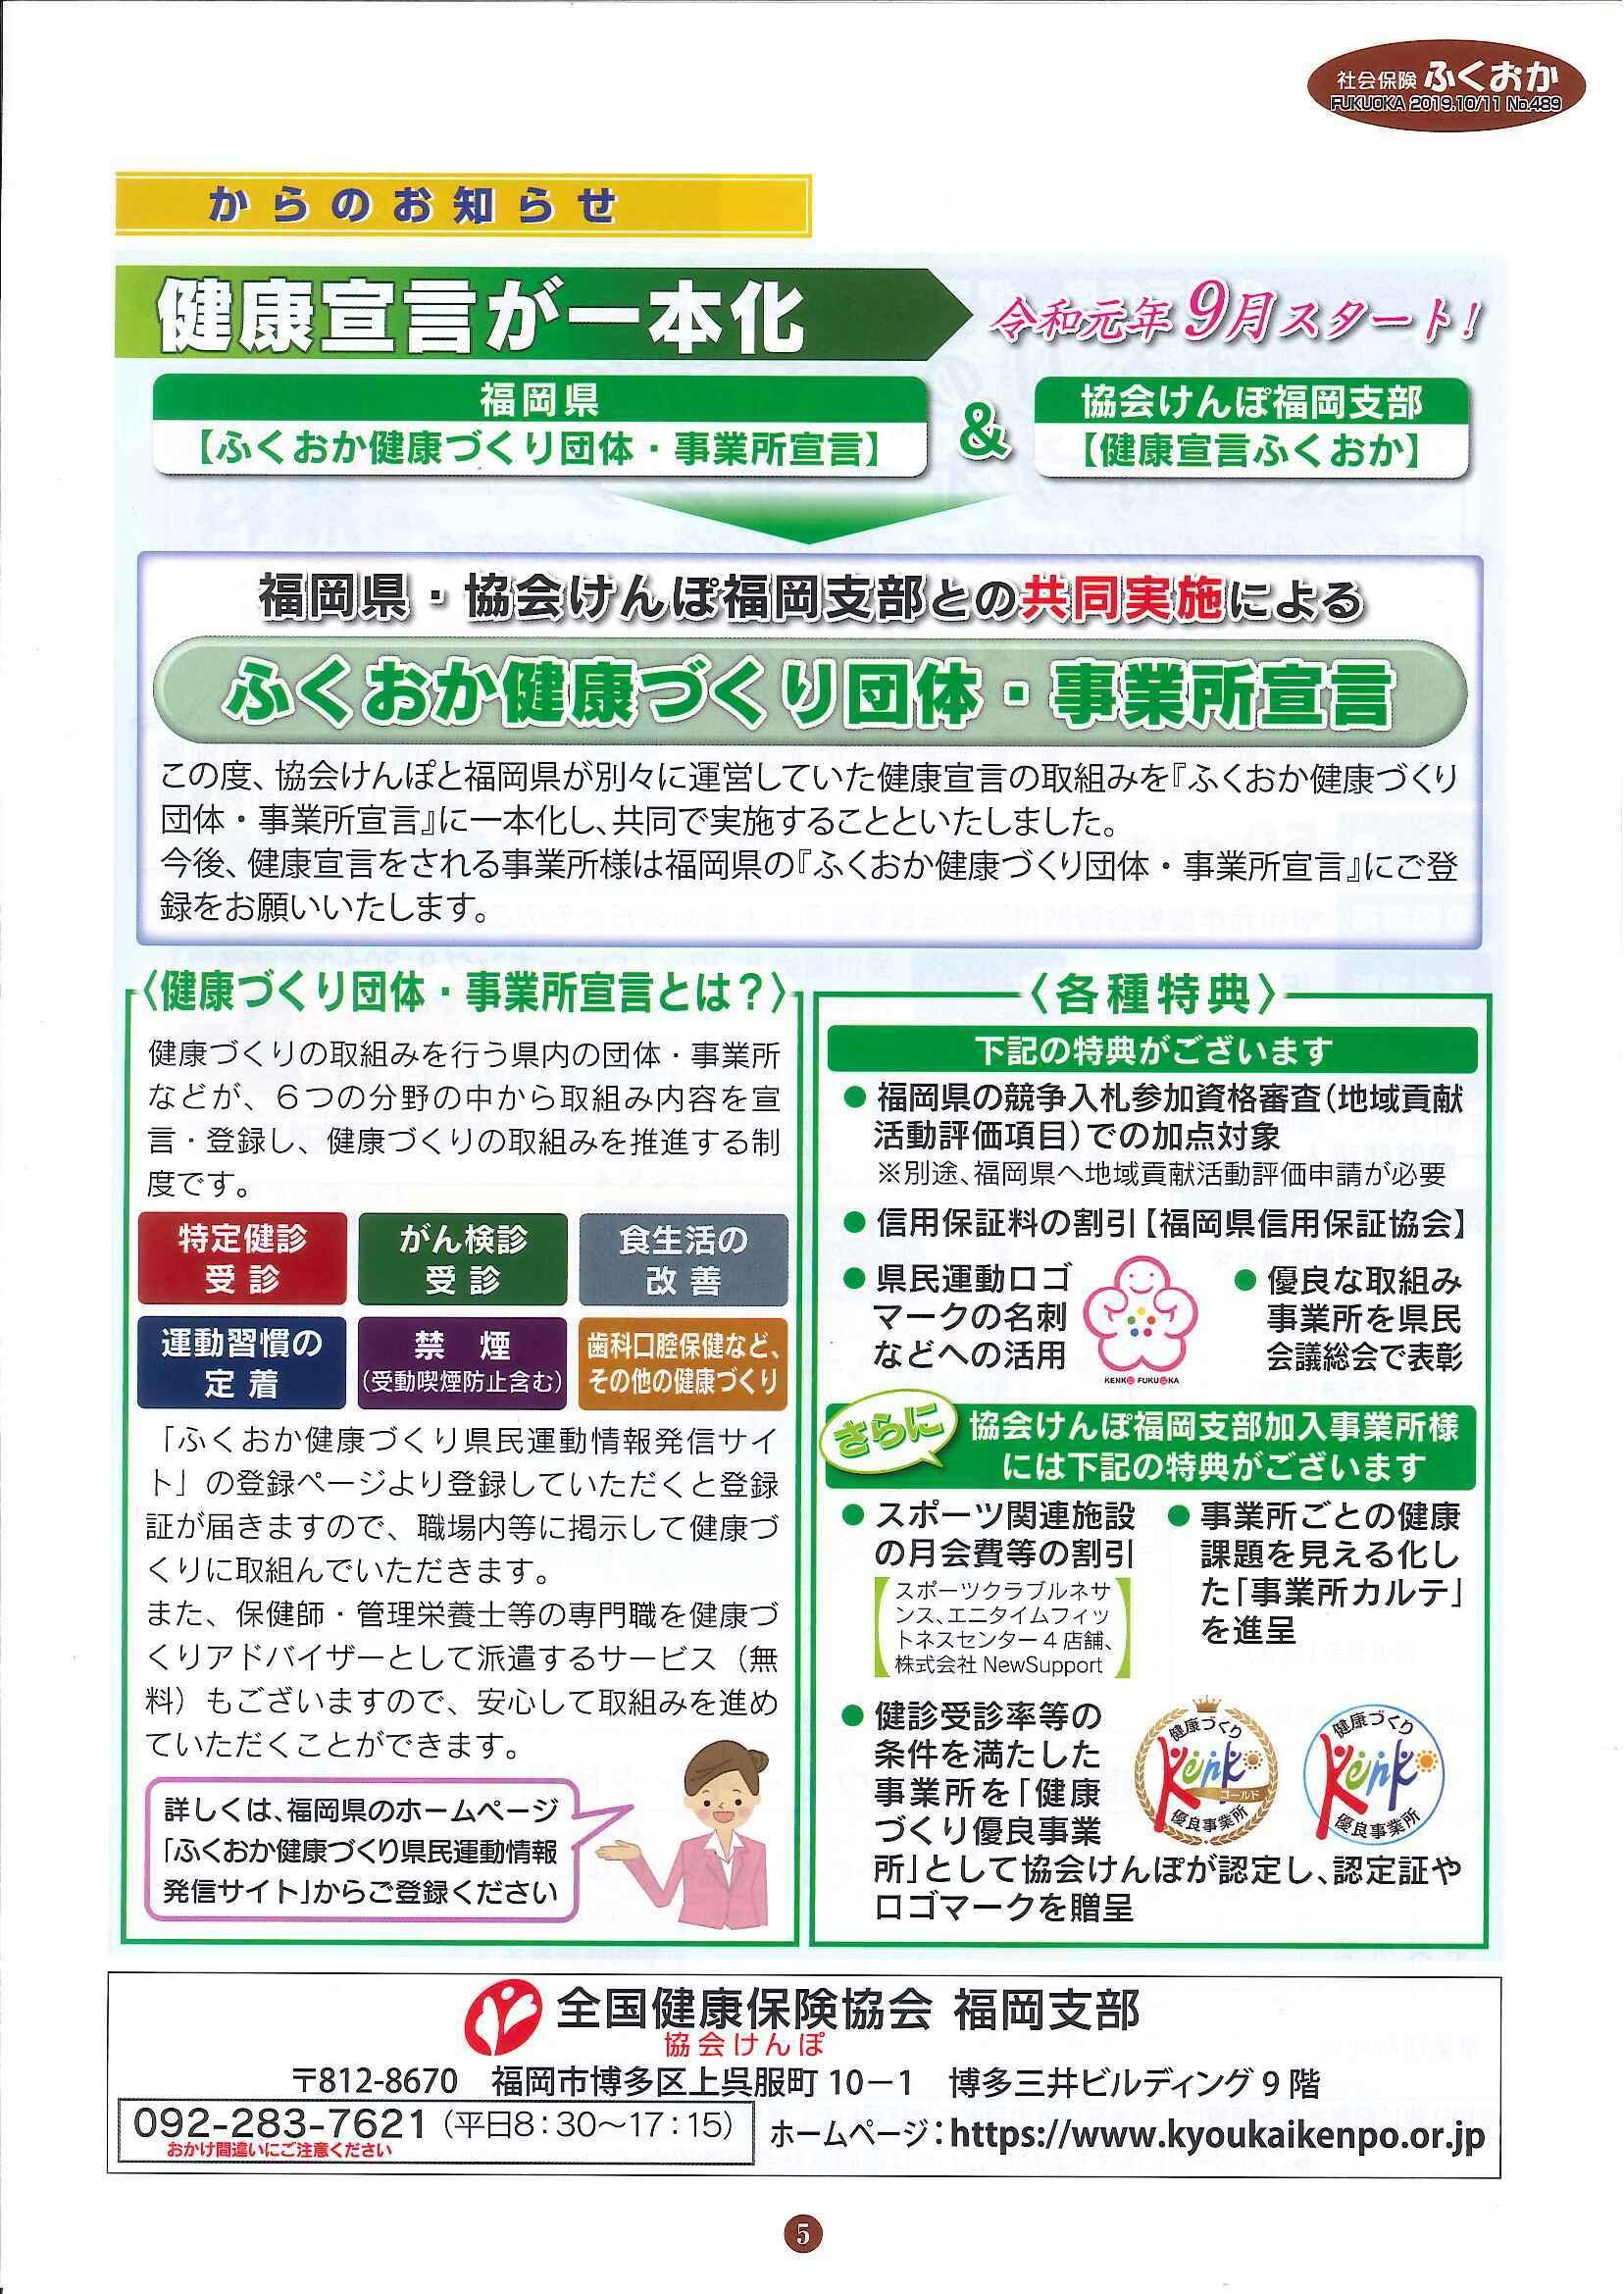 社会保険 ふくおか 2019年10・11月号_f0120774_11305049.jpg